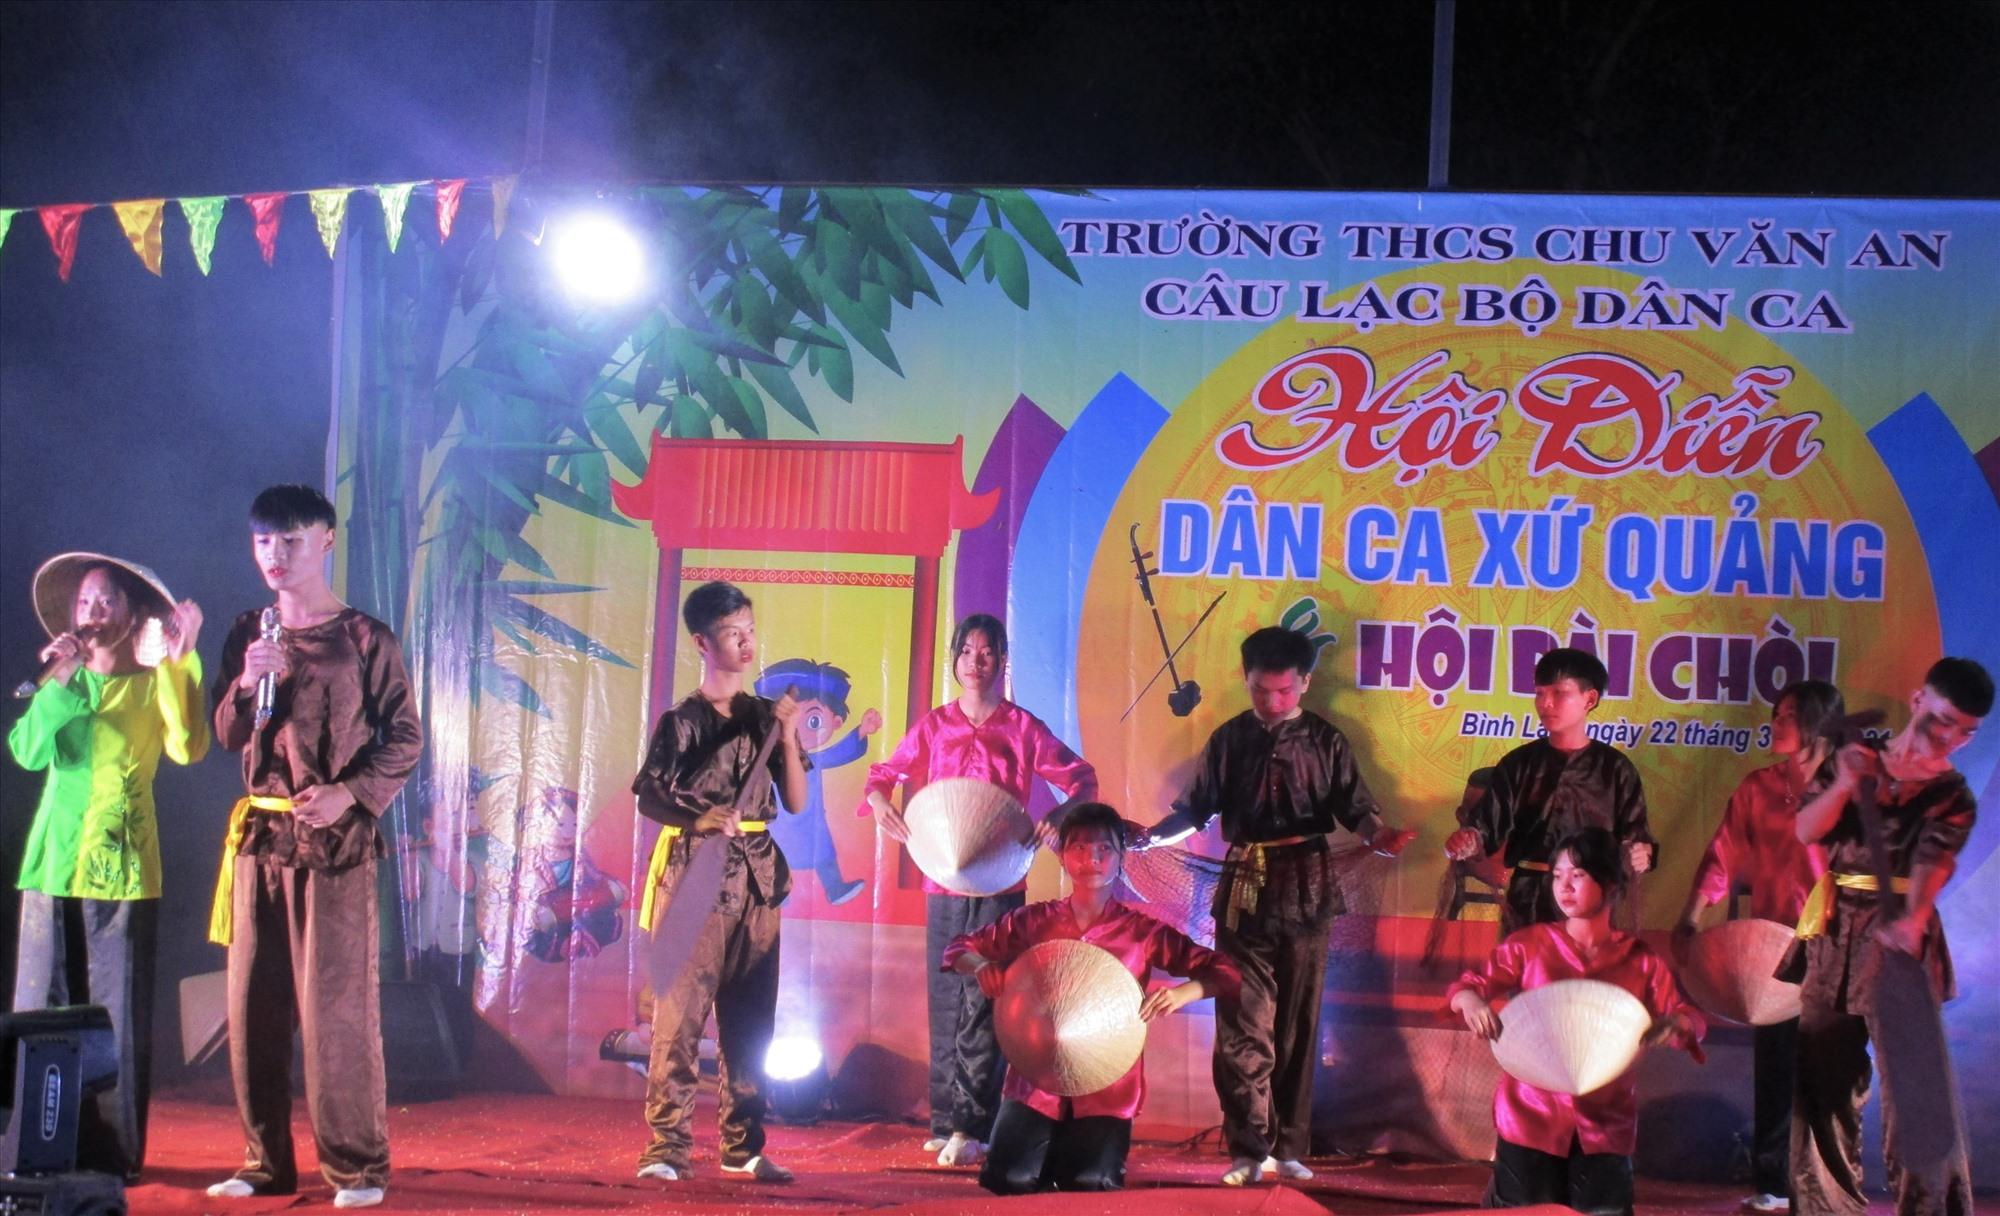 Học sinh Trường THCS Chu Văn An (xã Bình Lâm) tham gia hội diễn Dân ca xứ Quảng do nhà trường tổ chức. Ảnh: Nhà trường cung cấp.